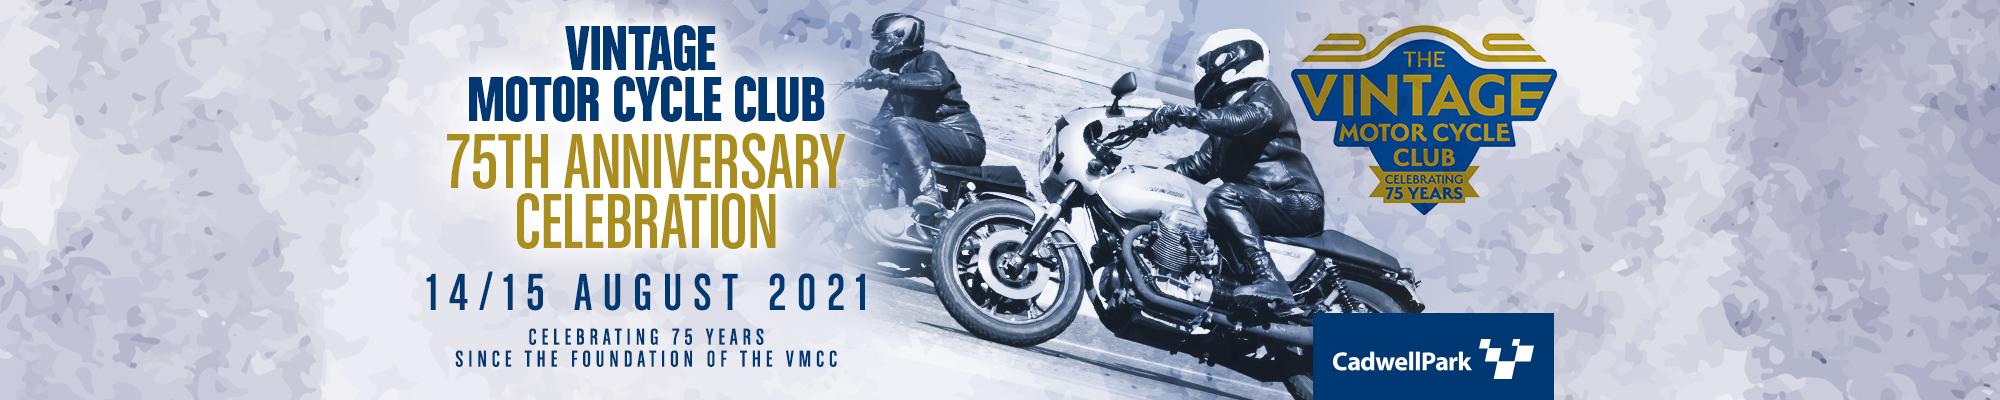 Vintage Motor Cycle Club (VMCC) 75th Anniversary